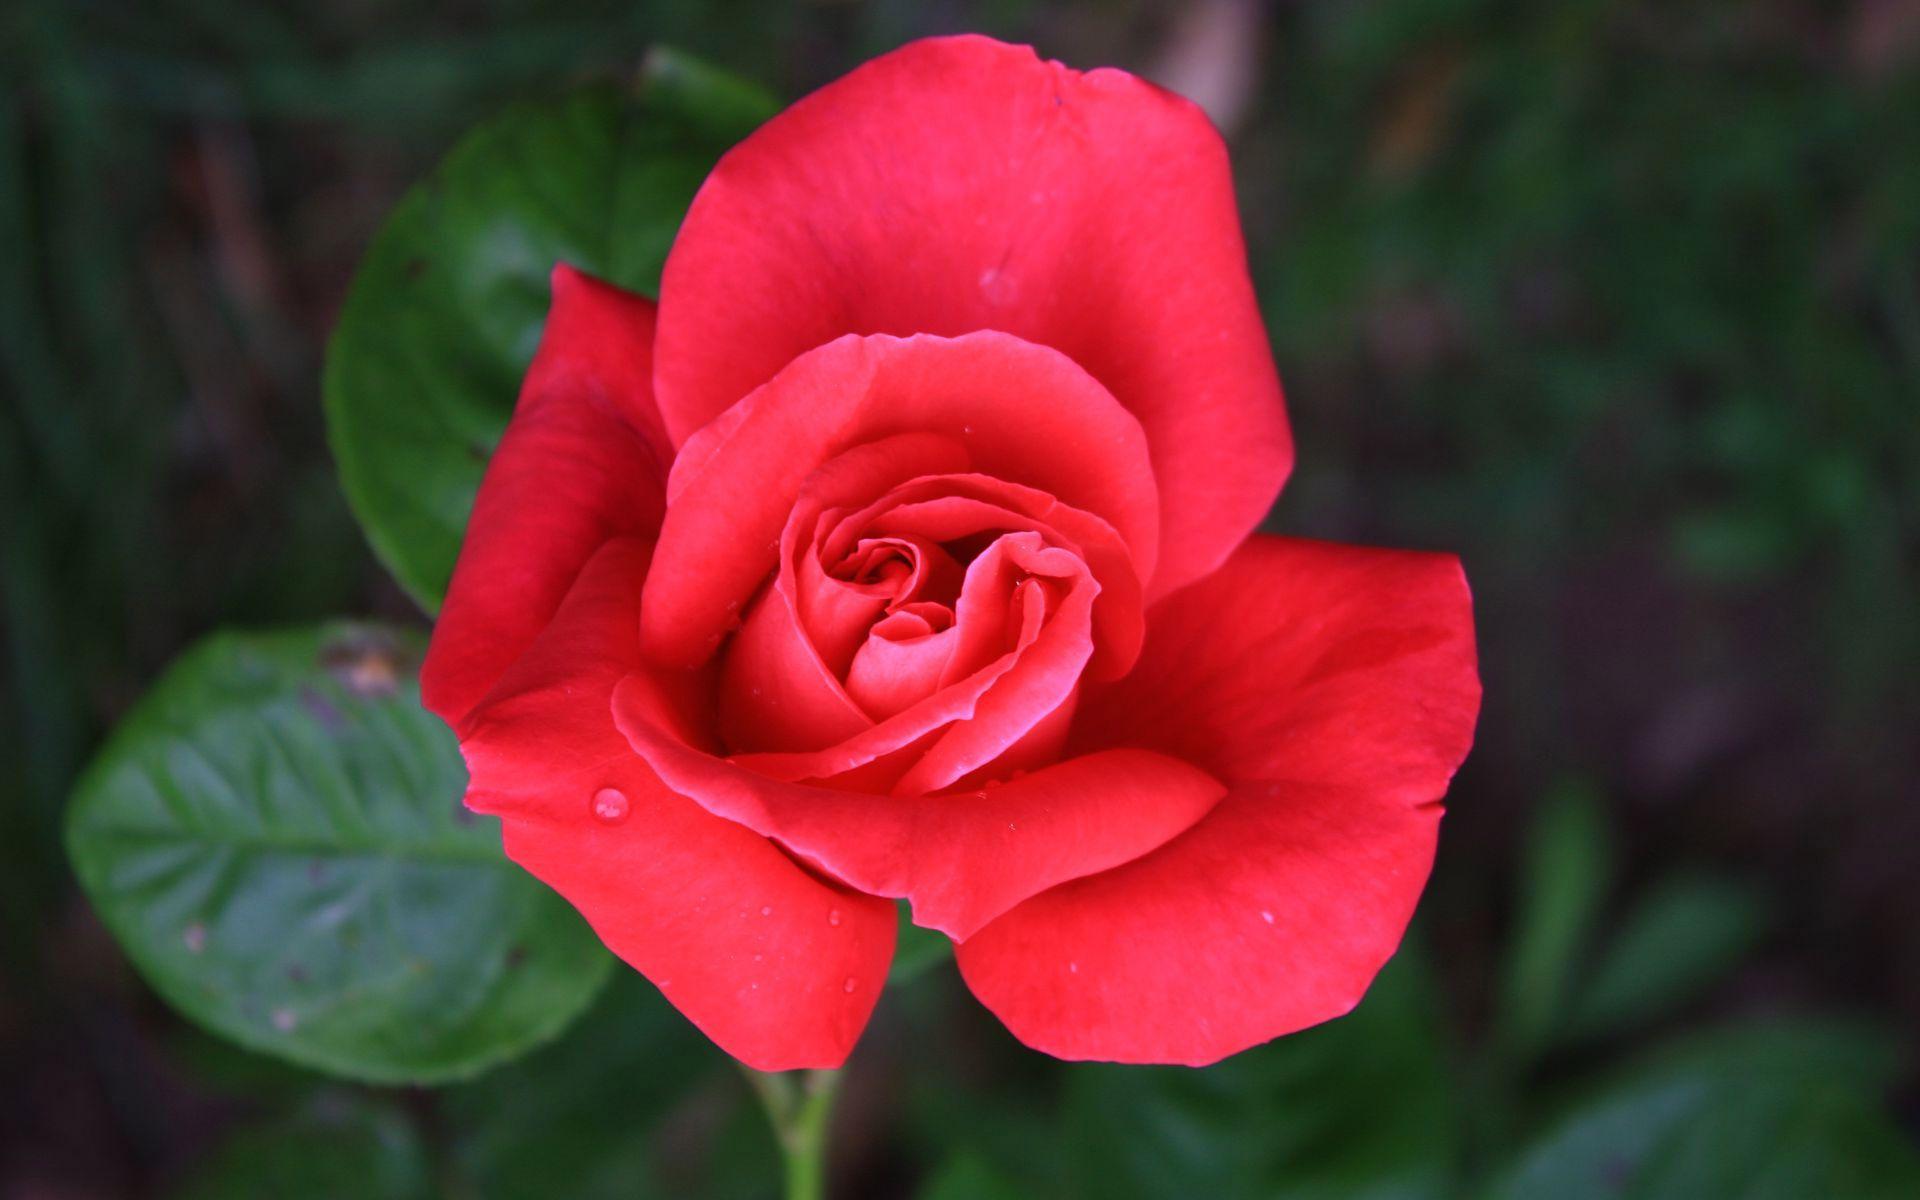 Картинки Розы на рабочий стол скачать обои Розы